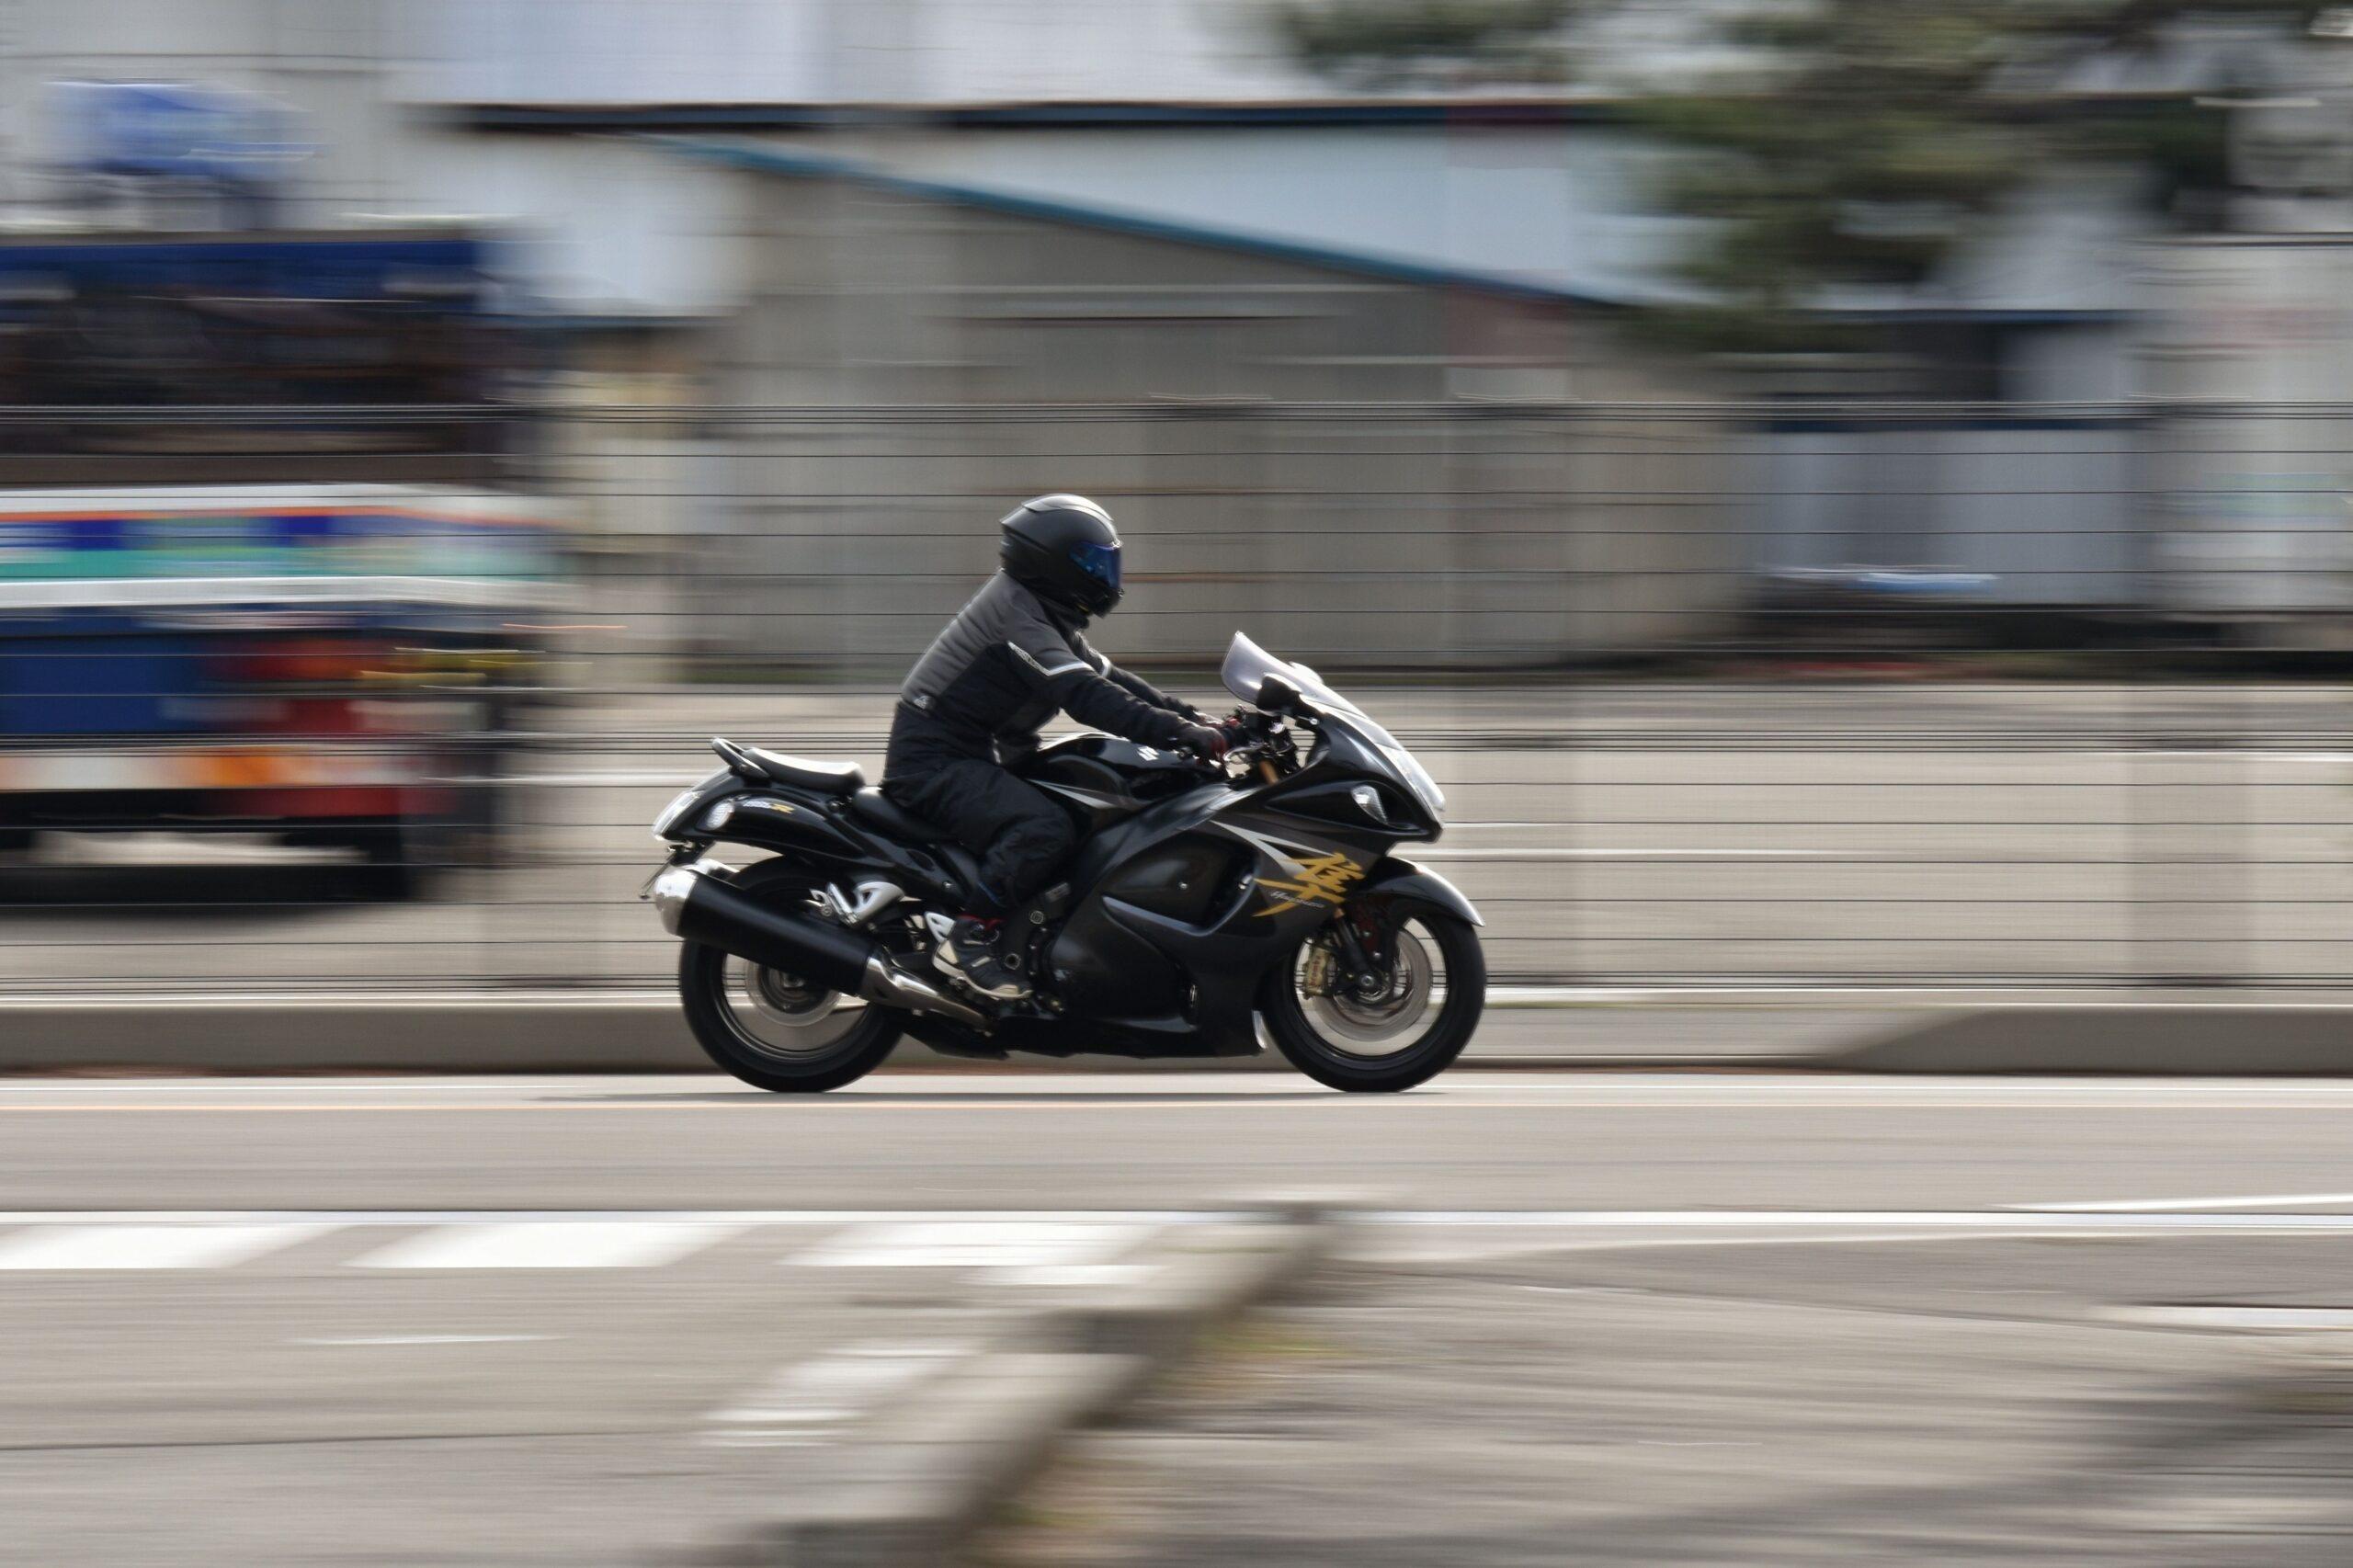 Jechał 190 km/h i nie słyszał policji bo słuchał muzyki